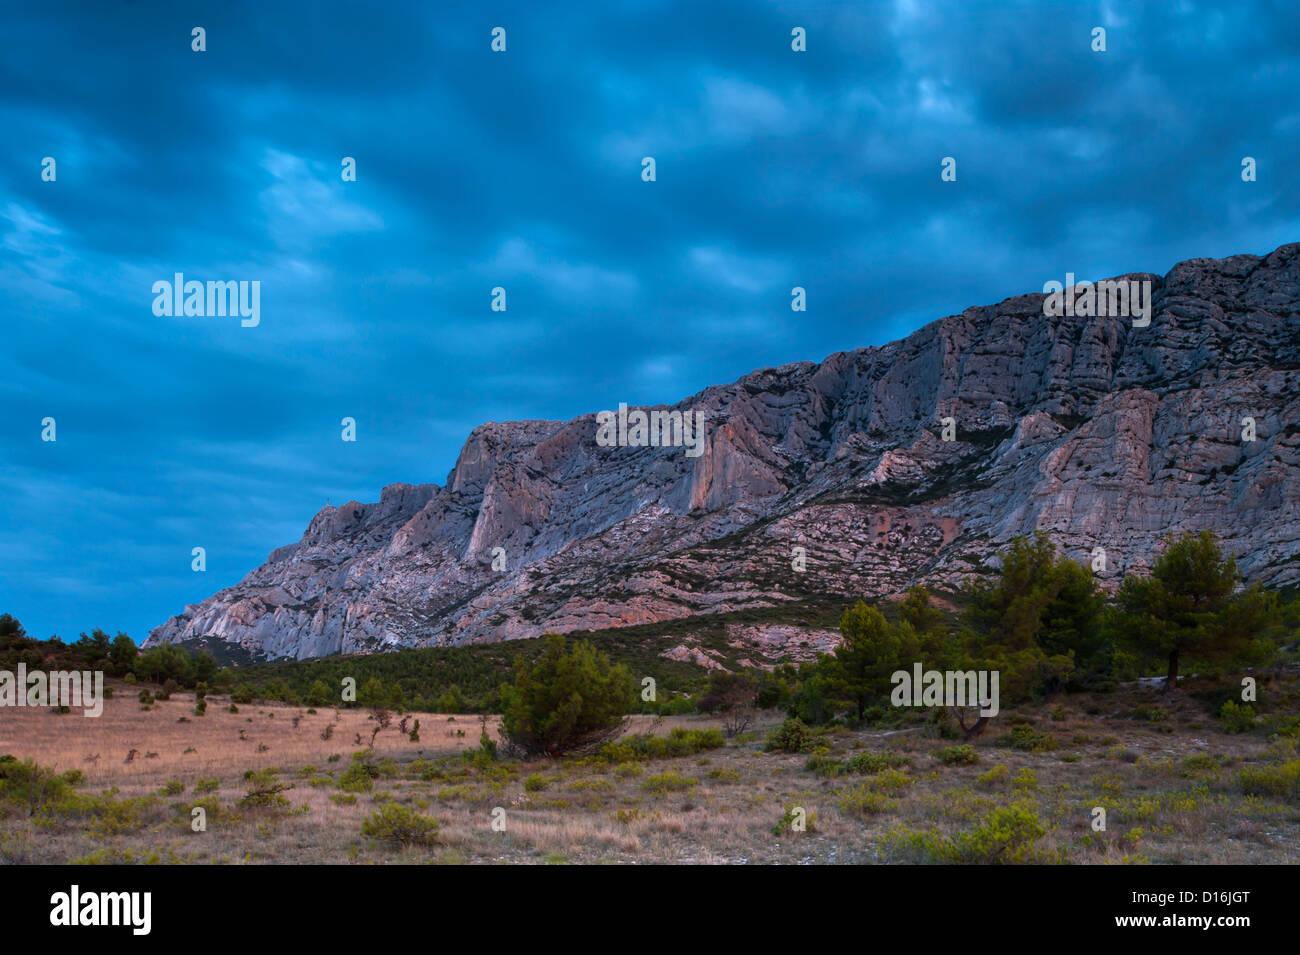 Montagne Sainte Victoire all'alba, Provenza, Francia Immagini Stock